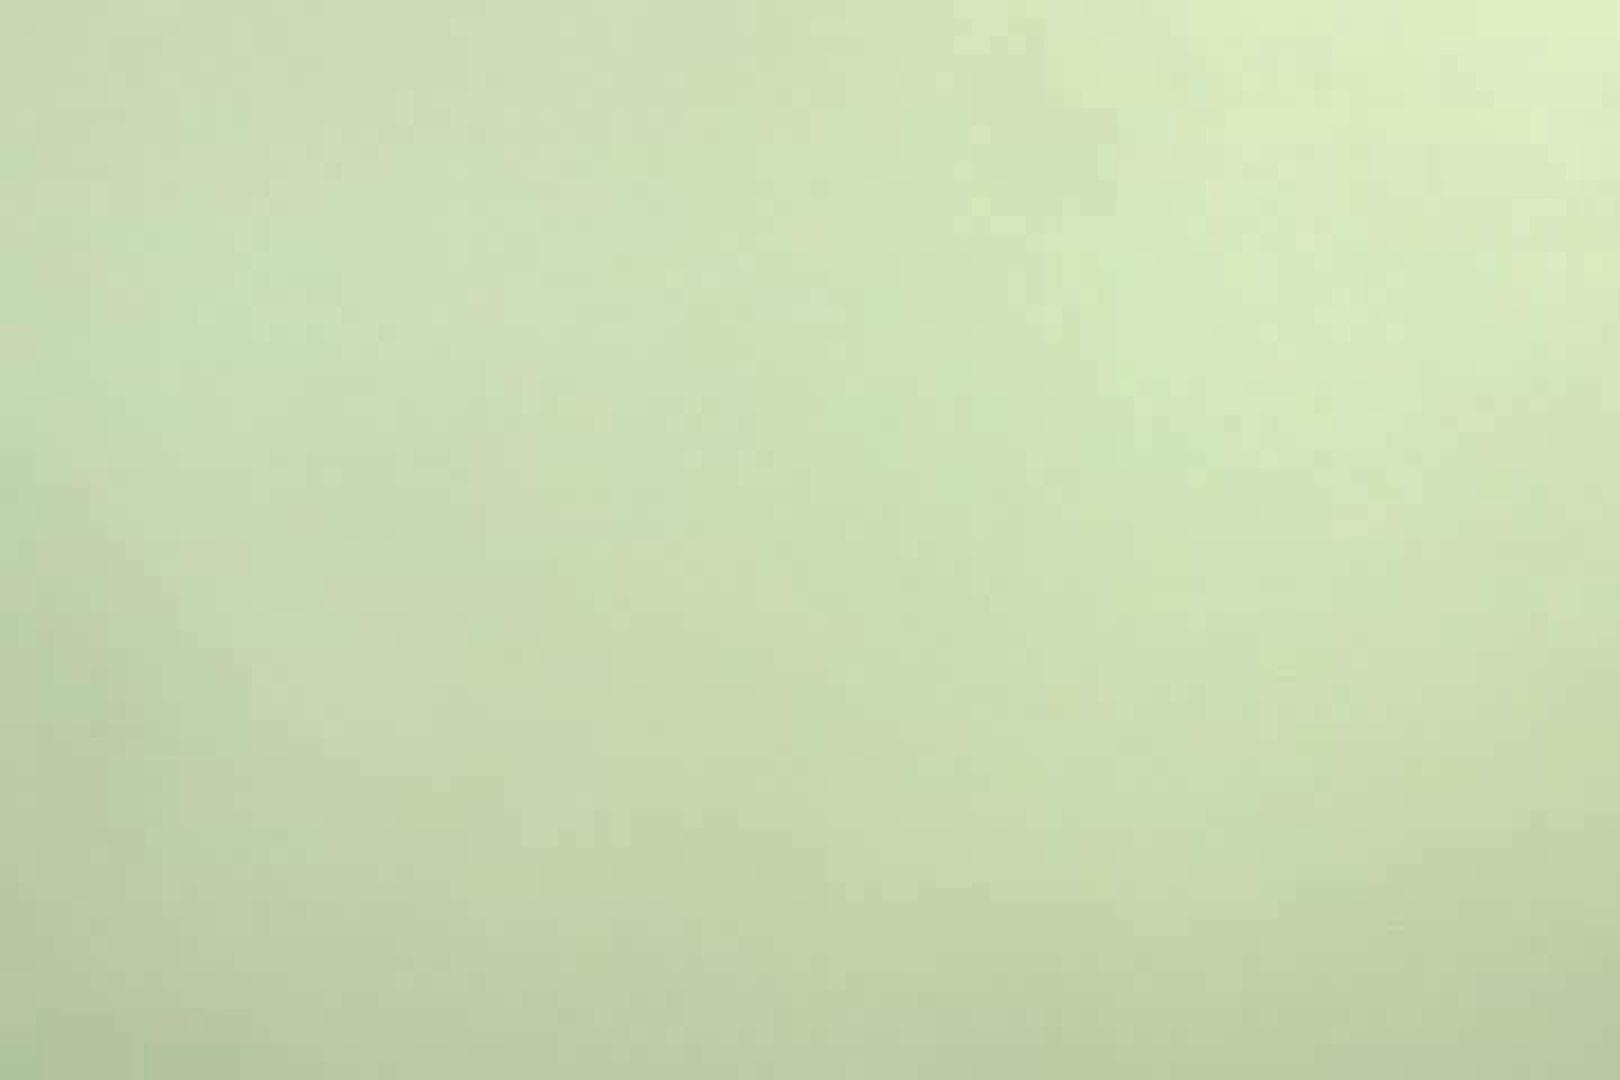 マンコ丸見え女子洗面所Vol.10 排便衝撃映像 われめAV動画紹介 99画像 99